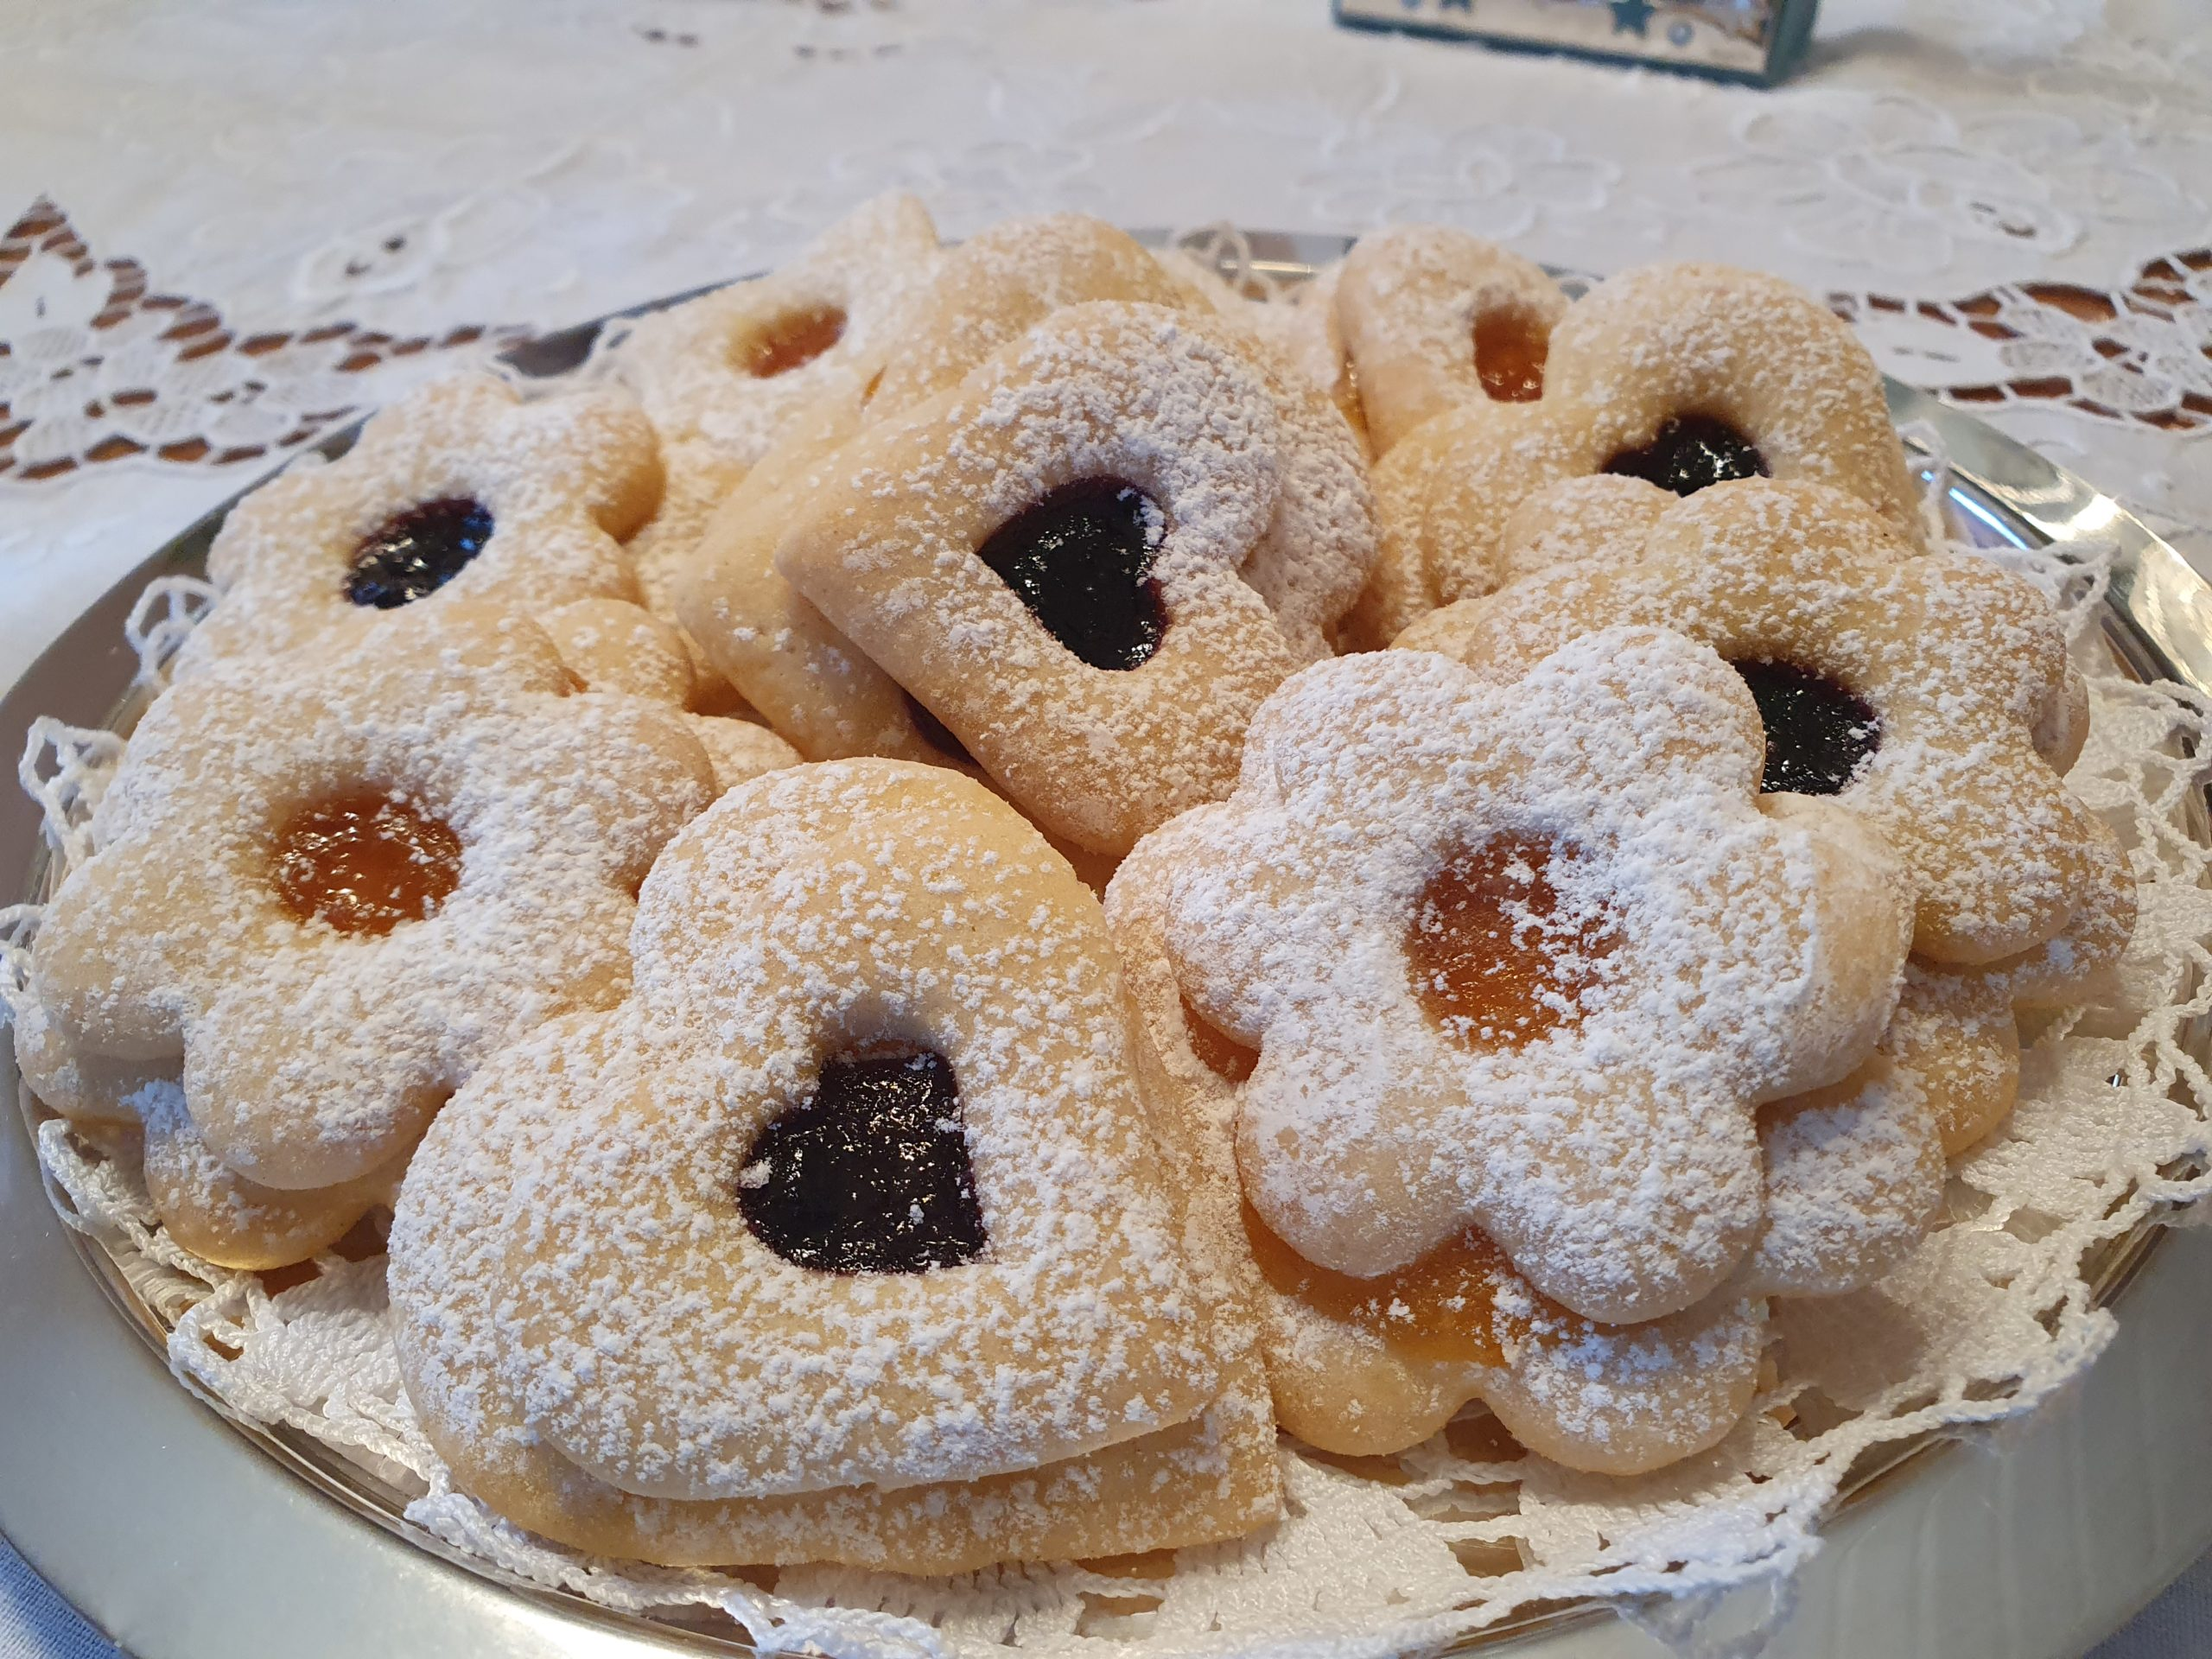 Gallettine con marmellata:  Dolcetto morbido e delicato spolverato dallo zucchero a velo,  arricchito con la confettura di albicocca, pesca o ciliegia